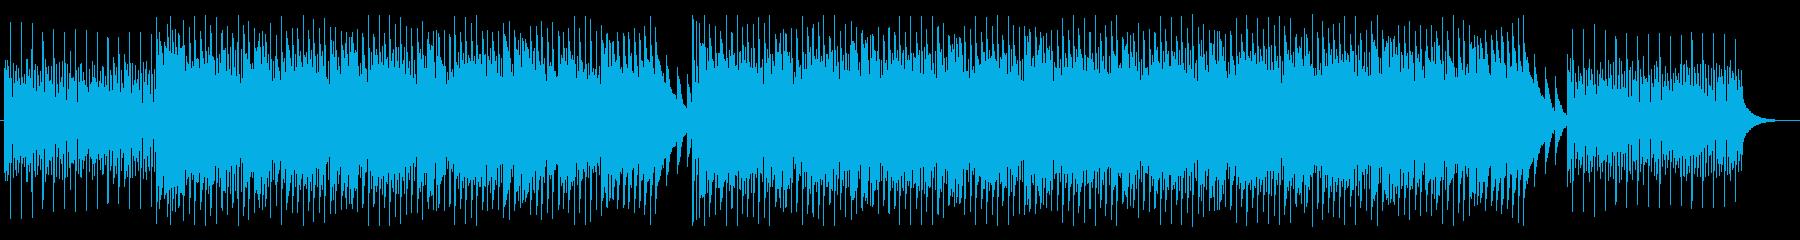 ウクレレで嬉しいハッピーな雰囲気のBGMの再生済みの波形